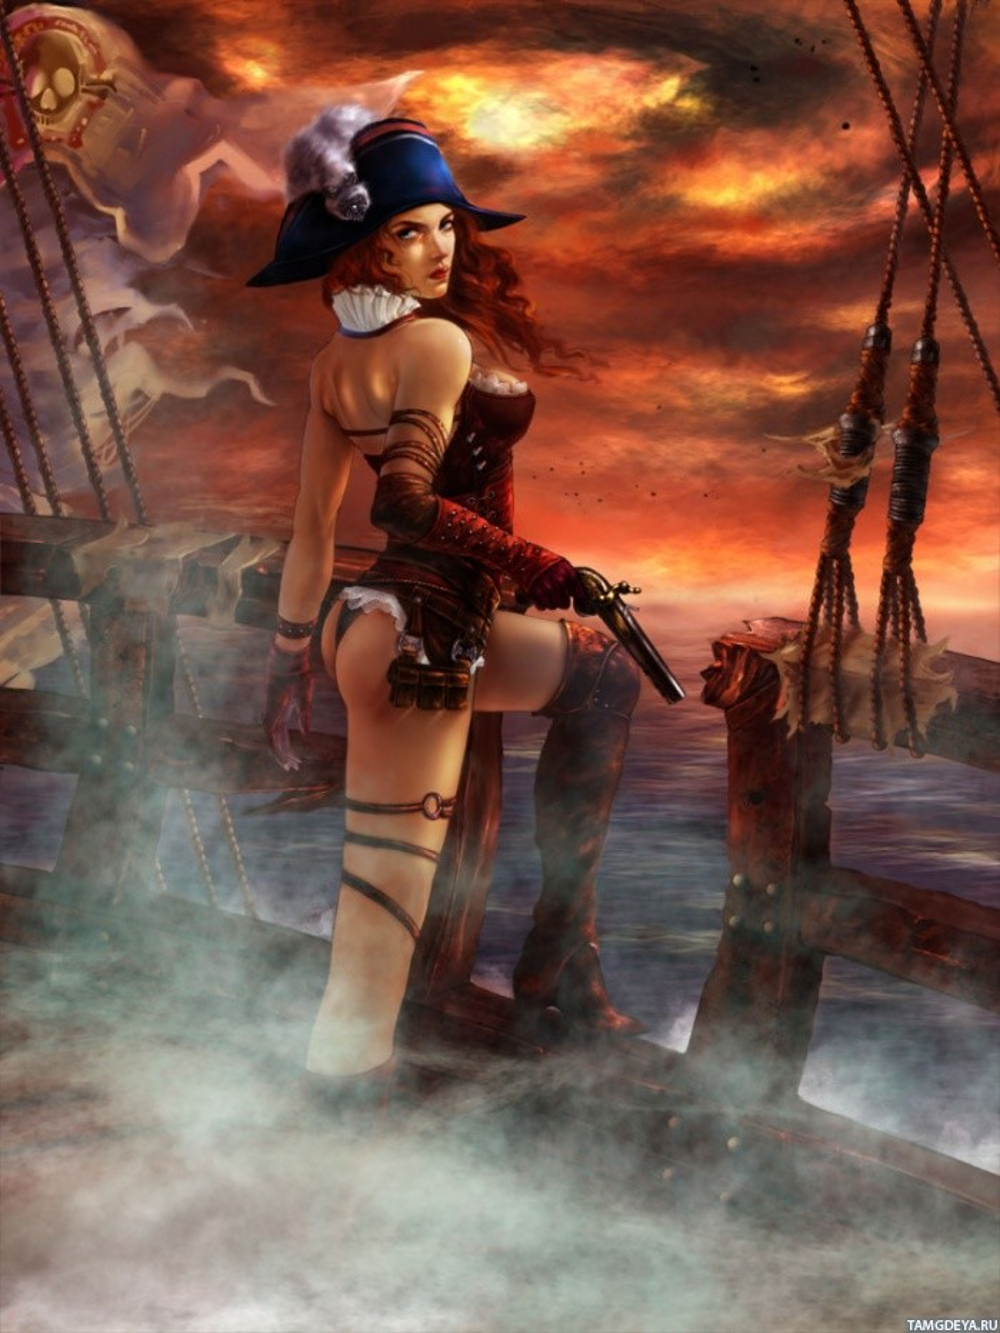 Голая девушка пиратка мастурбирует, смотреть онлайн отлично сосет на сцене